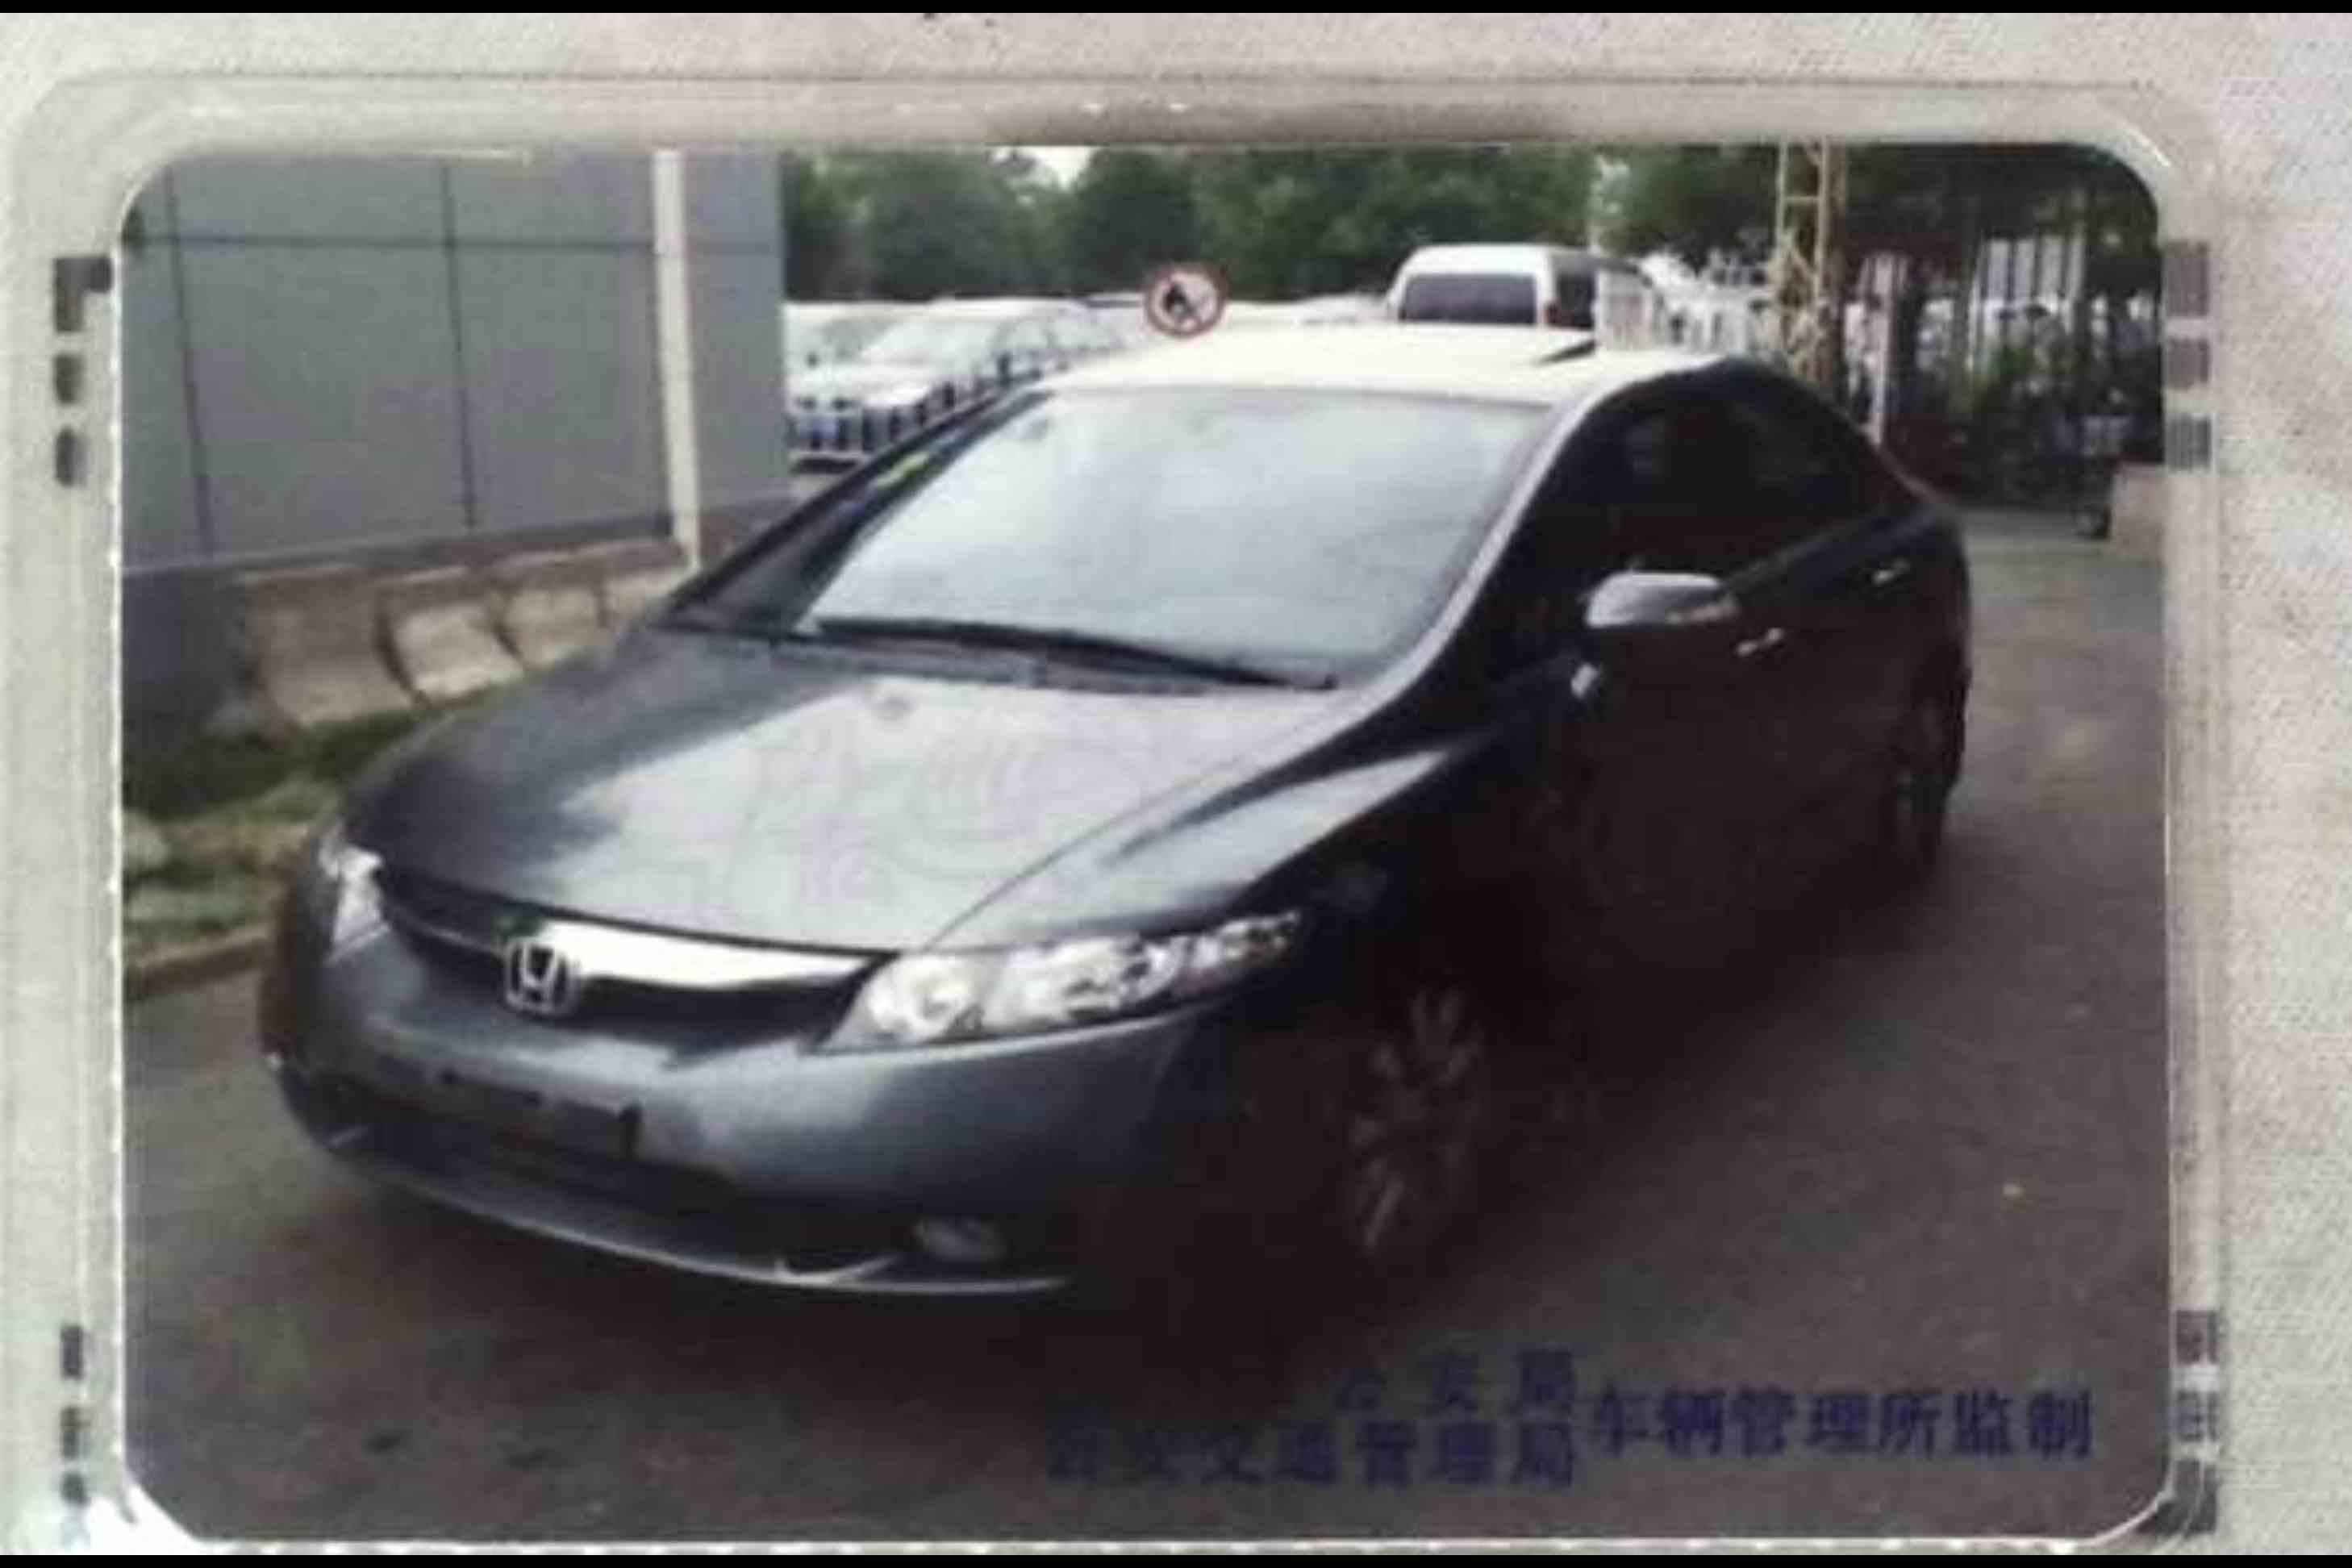 【北京】本田 思域 2009款 1.8 自动 豪华型vti( 灰色 )